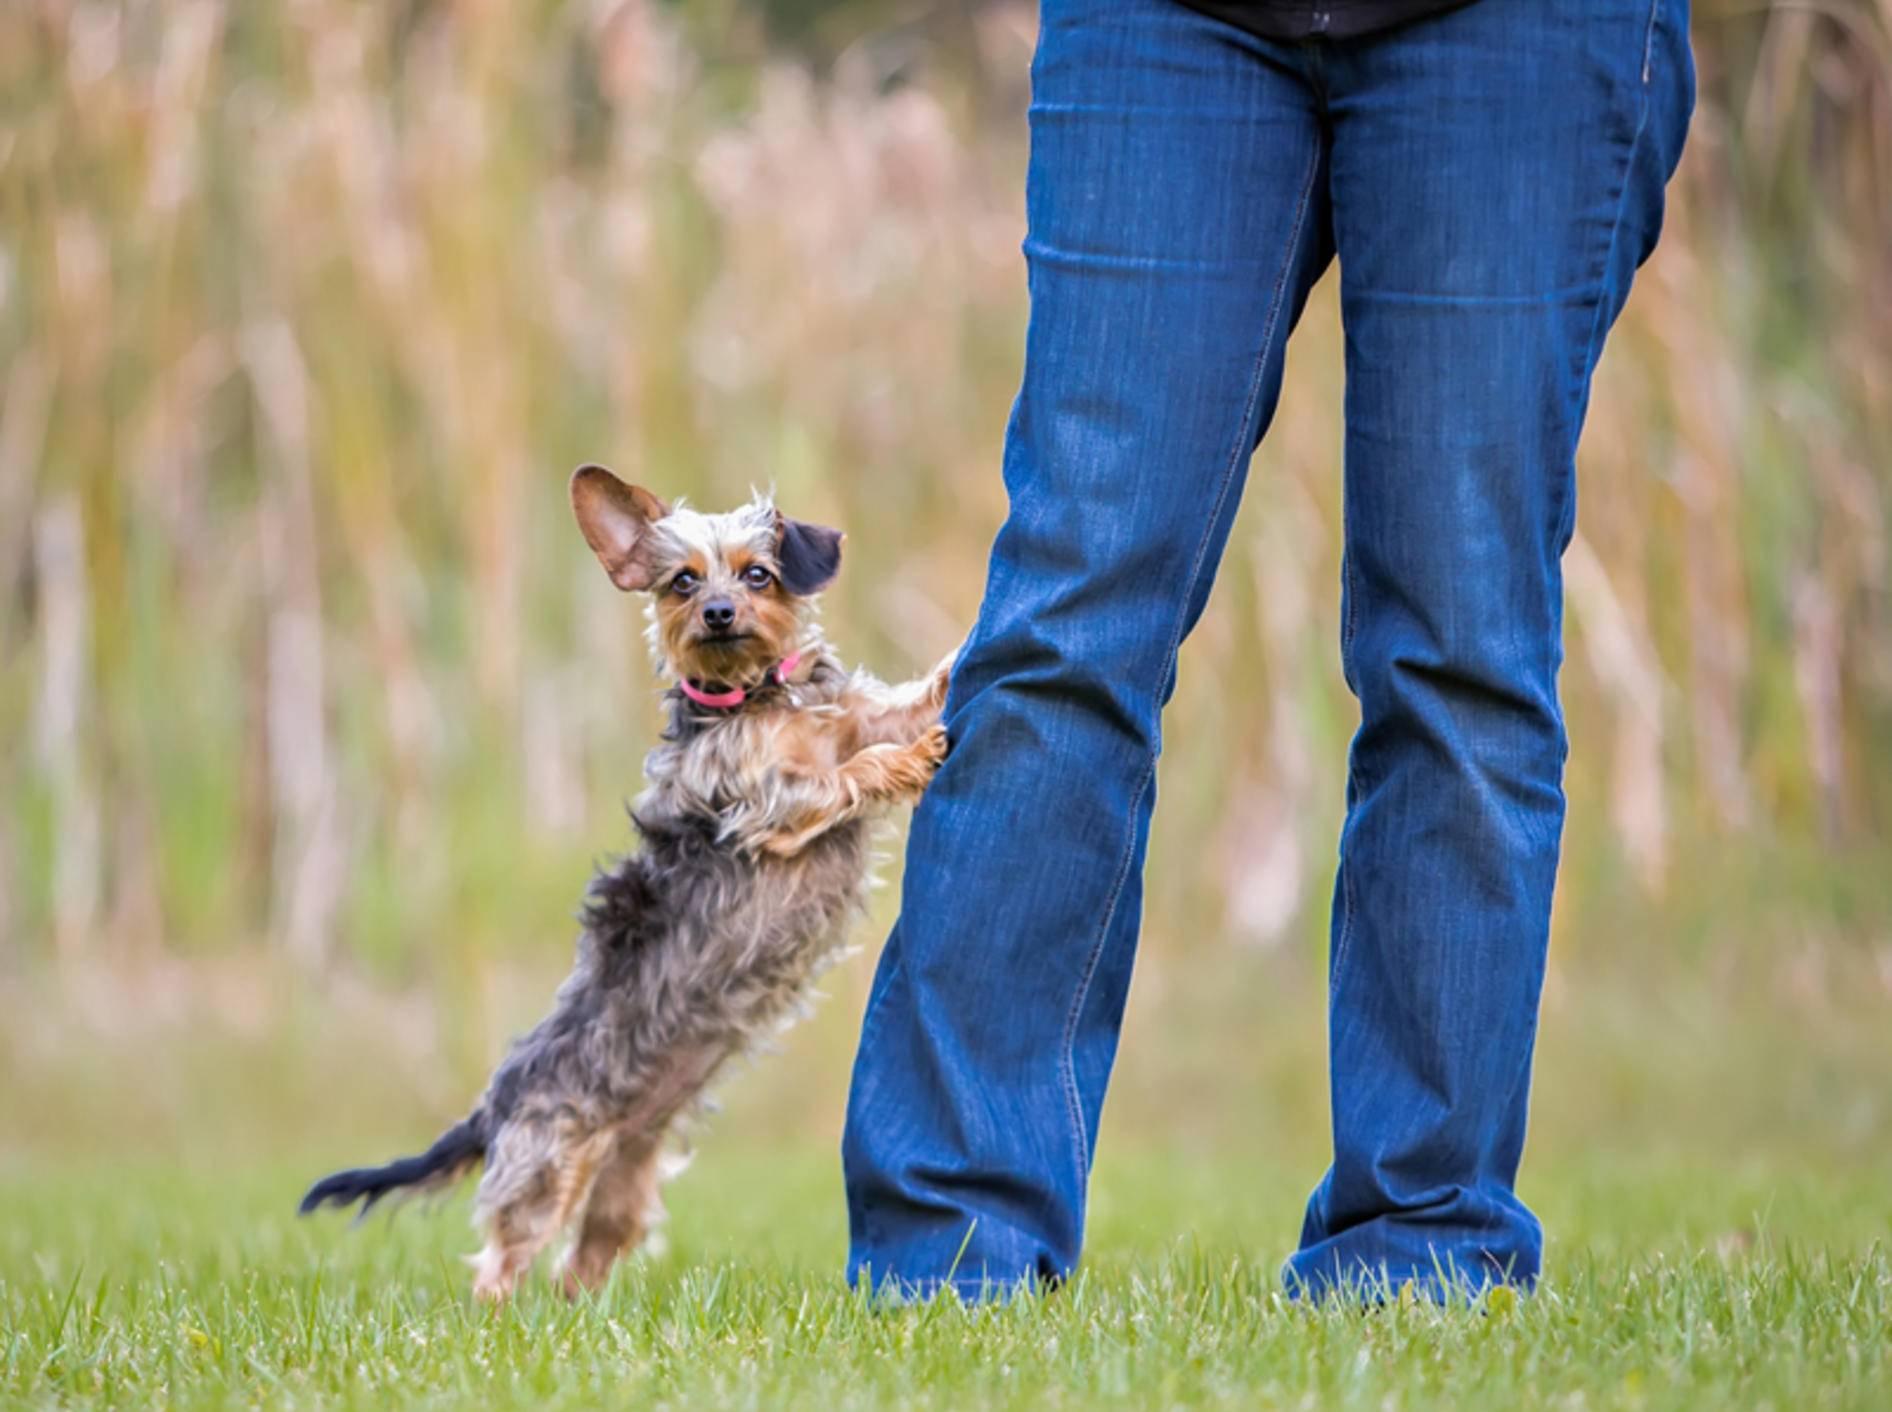 """""""Duuu, guck mal, hier unten, hier bin ich, beachte mich!"""": Frecher kleiner Hund will sofort Aufmerksamkeit – Shutterstock / Victoria Rak"""